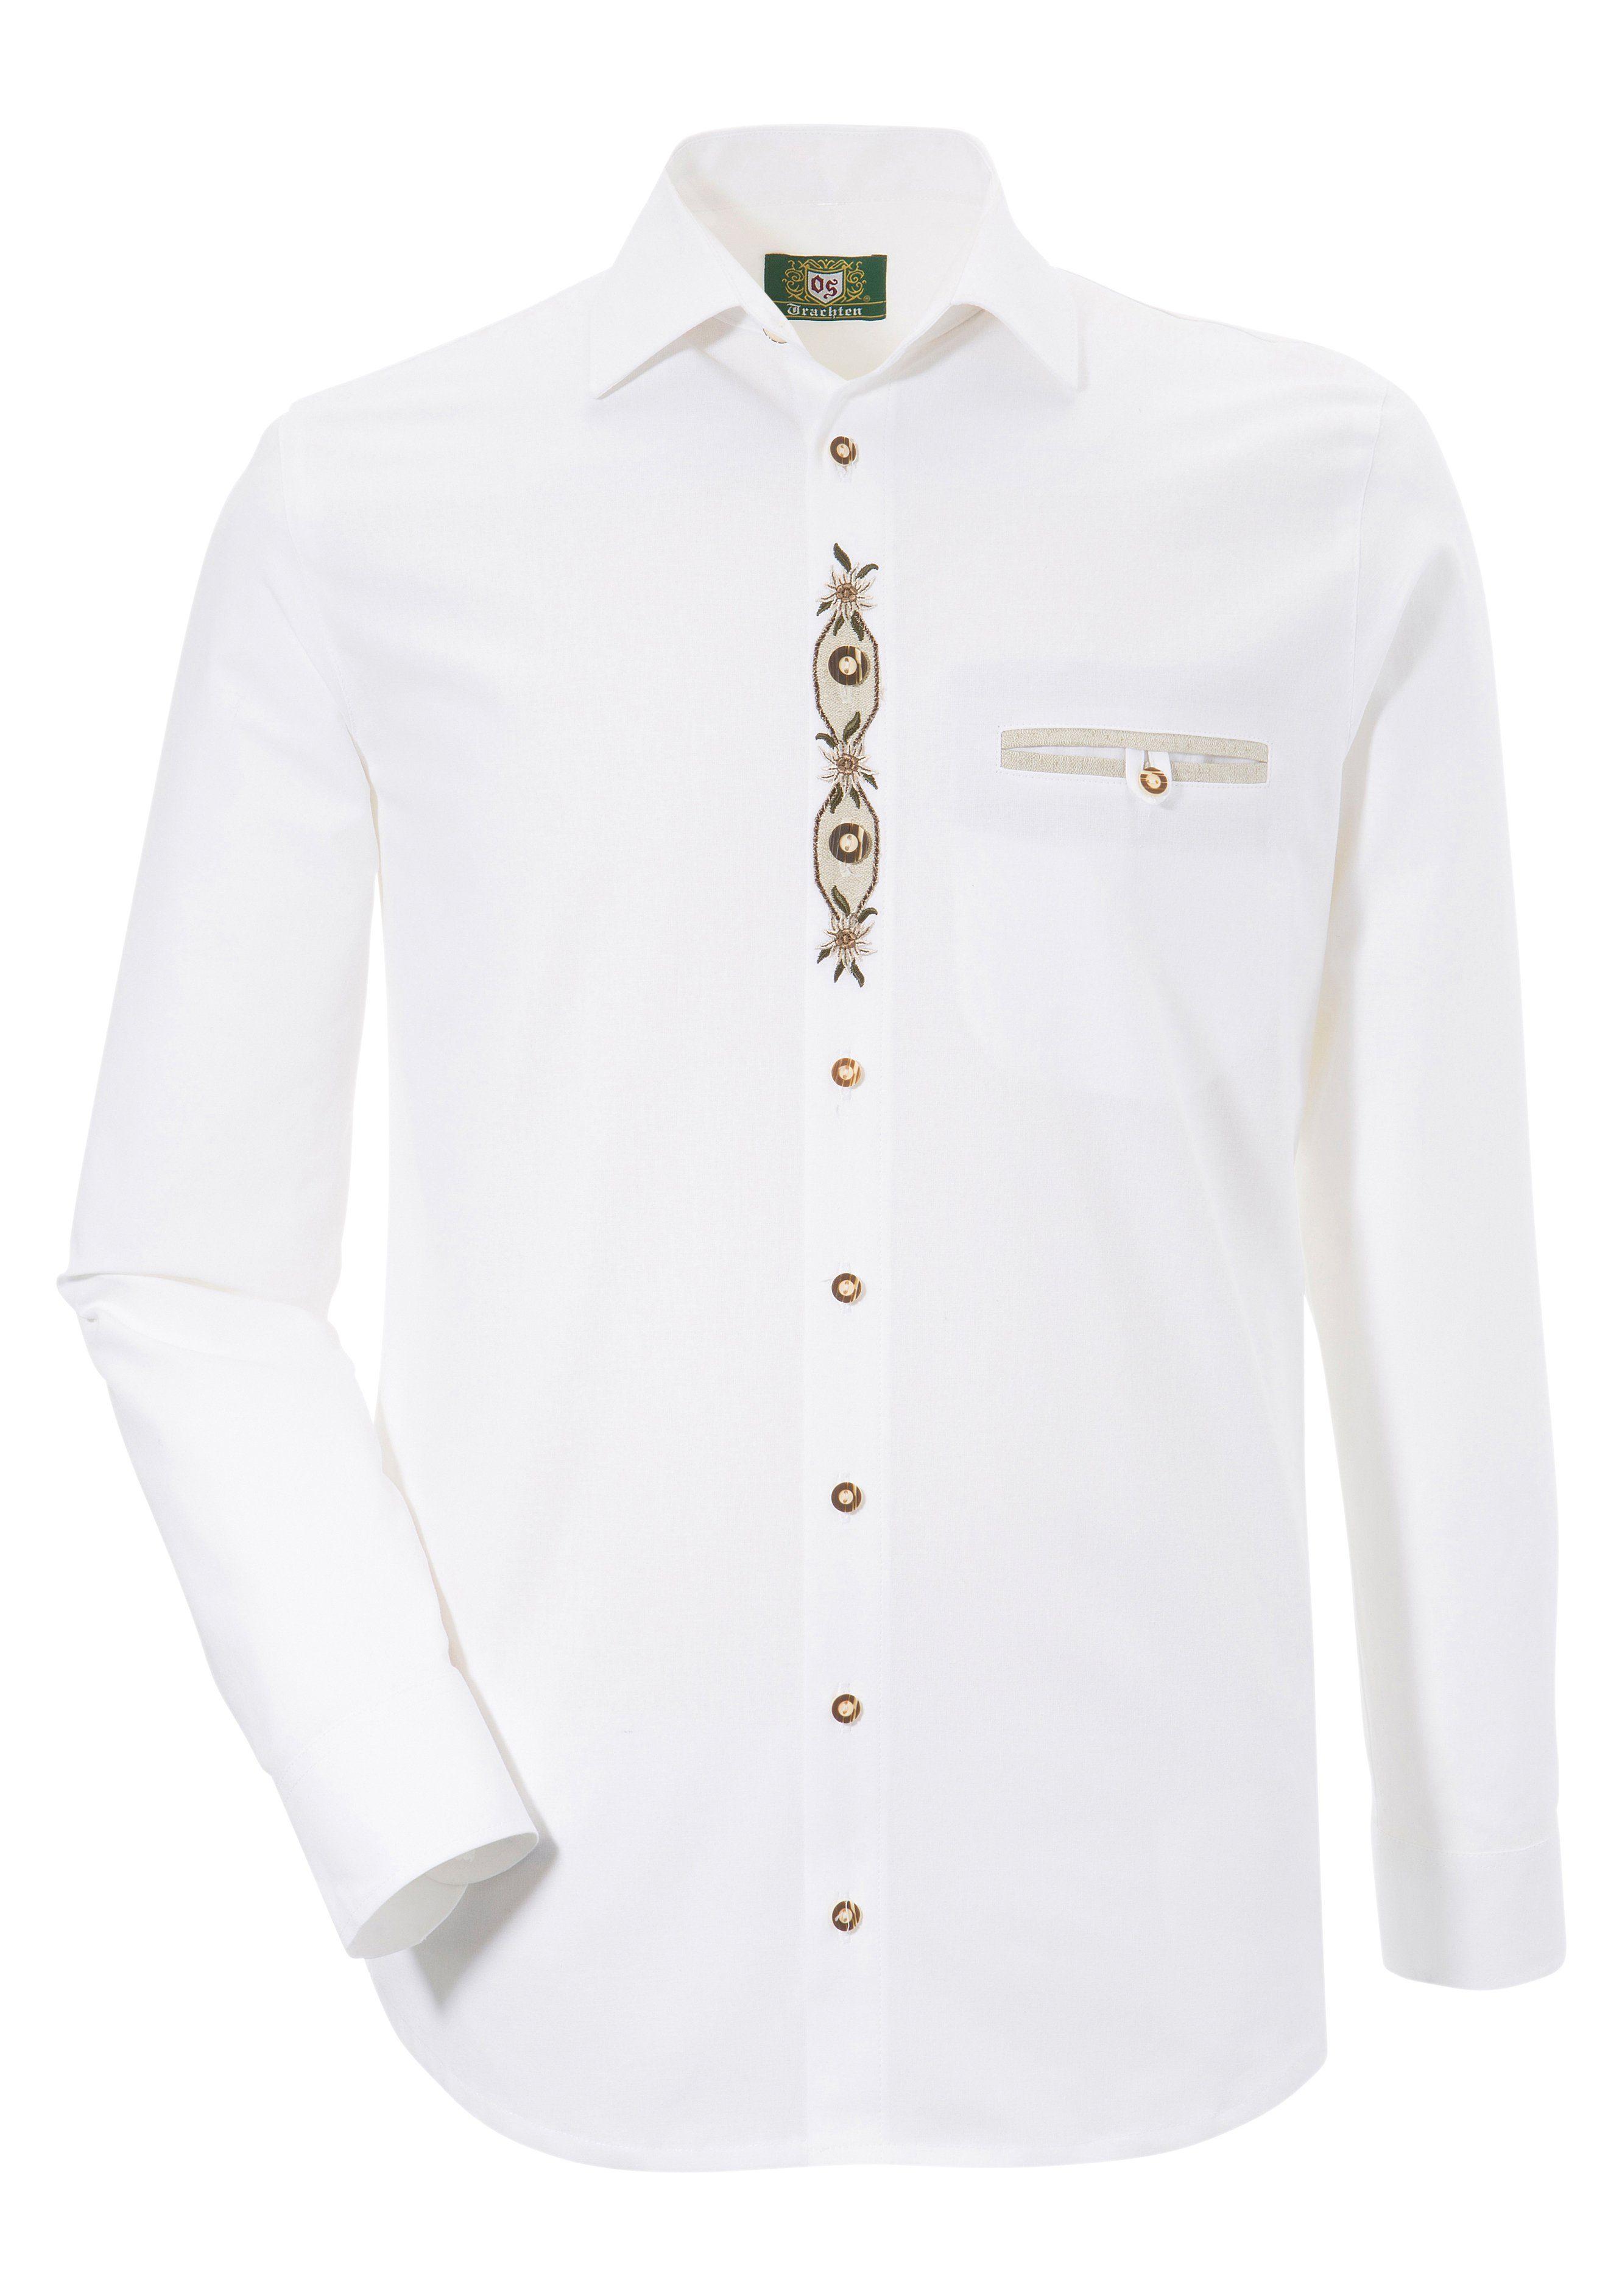 OS-Trachten Trachtenhemd aus reiner Baumwolle | Bekleidung > Hemden > Trachtenhemden | Os-Trachten